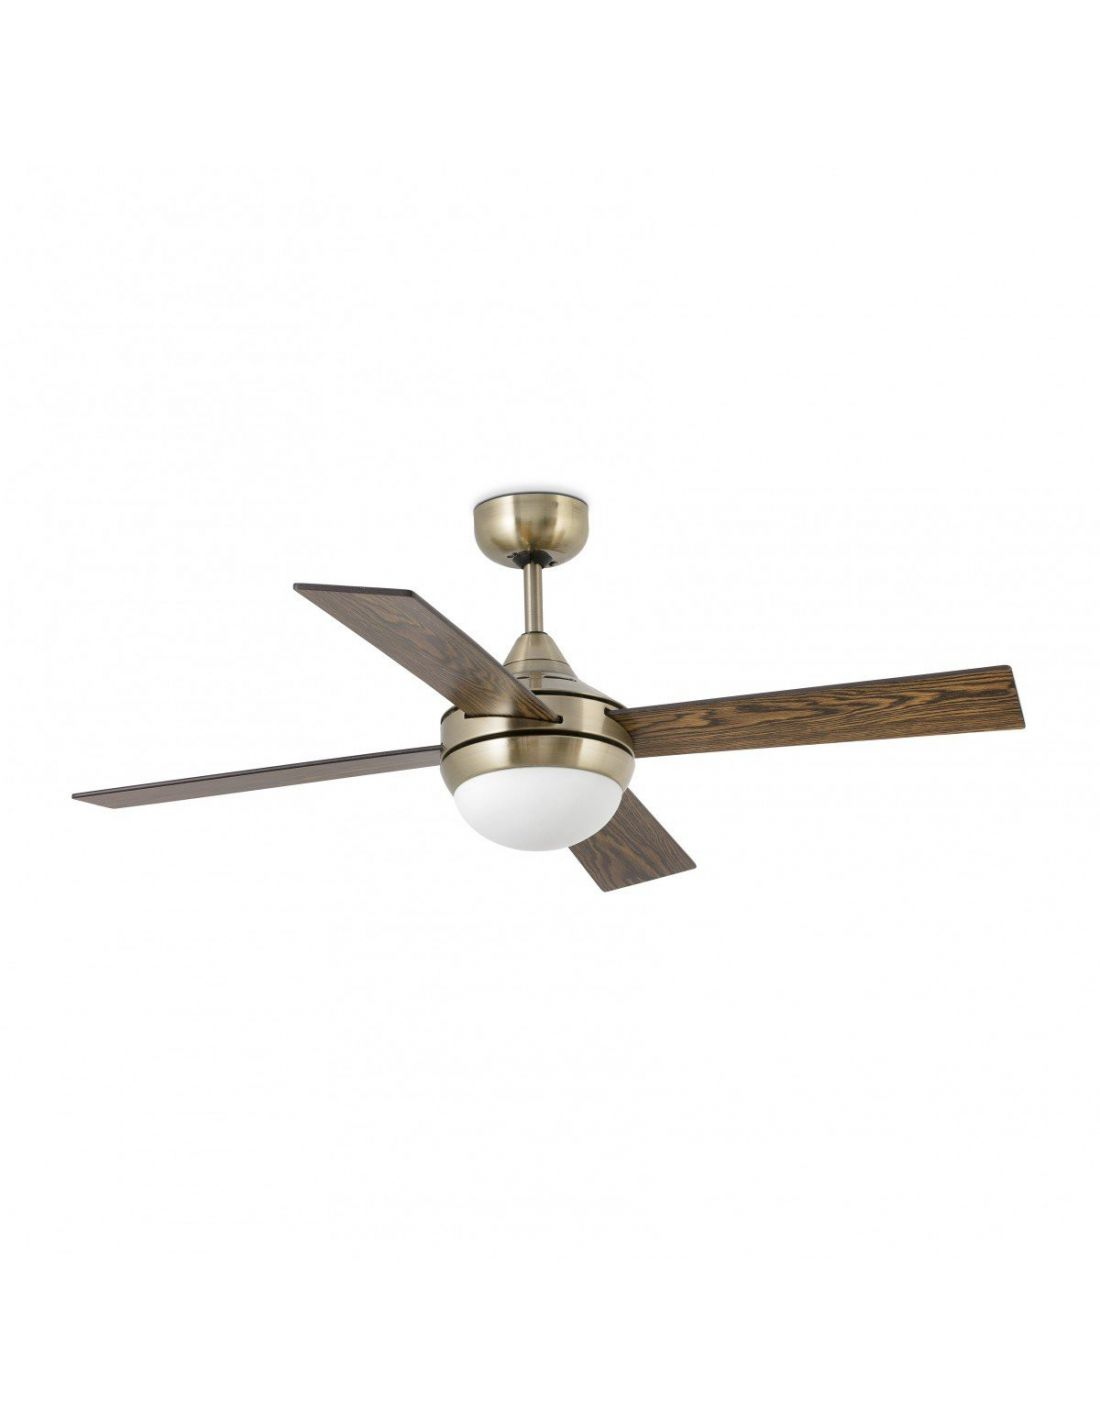 Ventilador de techo peque o ventiladores con luz ofertas for Oferta ventilador techo